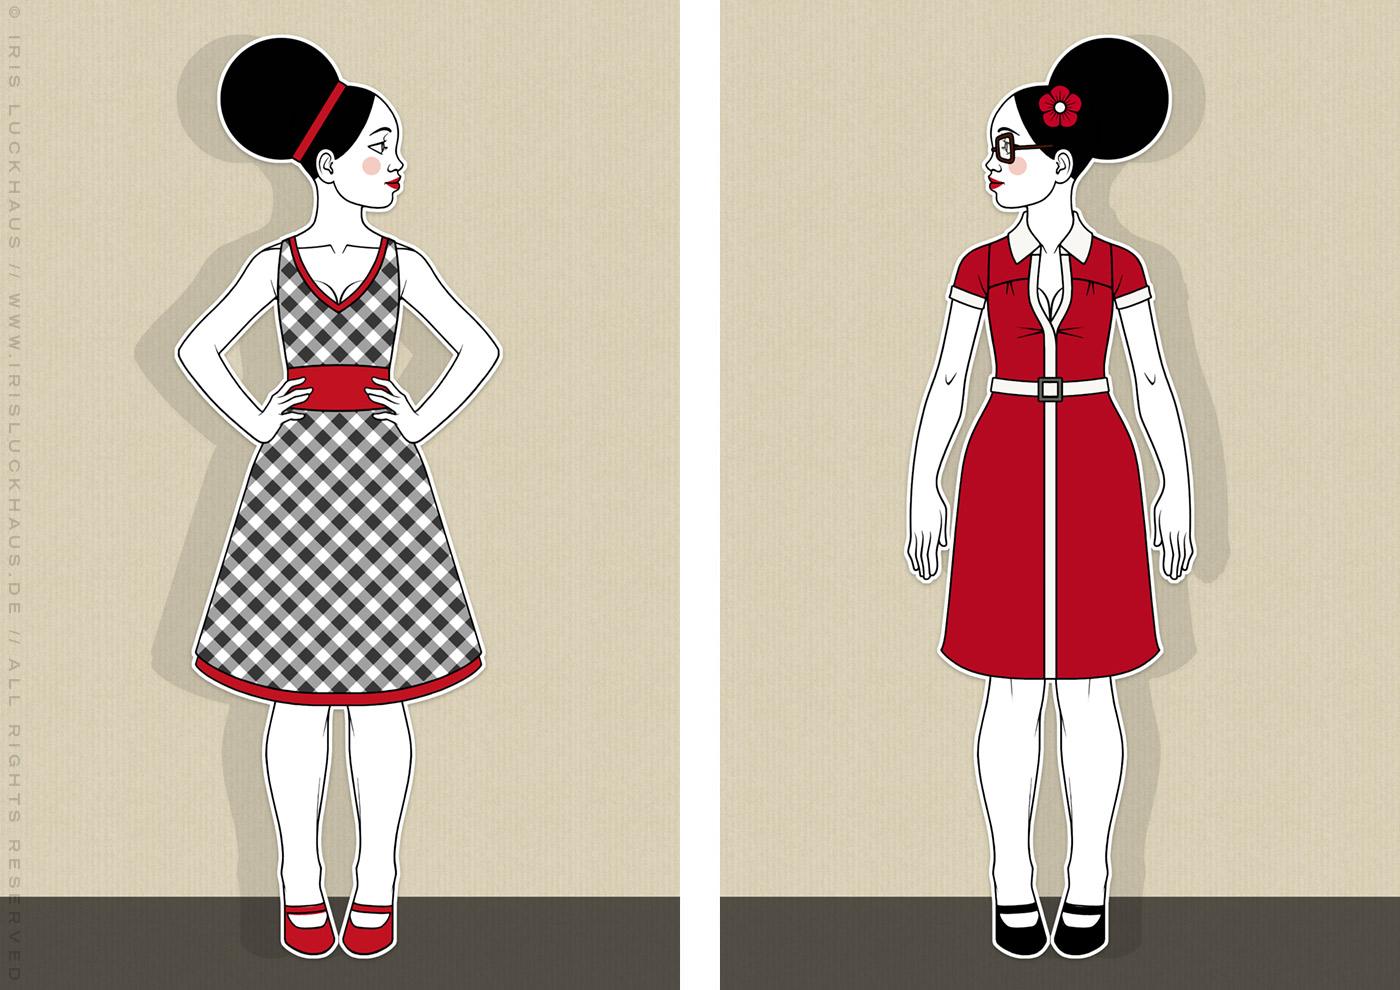 Fashionistas (Brigittes), Retro-Modezeichnungen im Stil der Sixties mit Beehive, kleinen Kleidchen in schwarzweißem Karo und rot und großen Sonnenbrillen